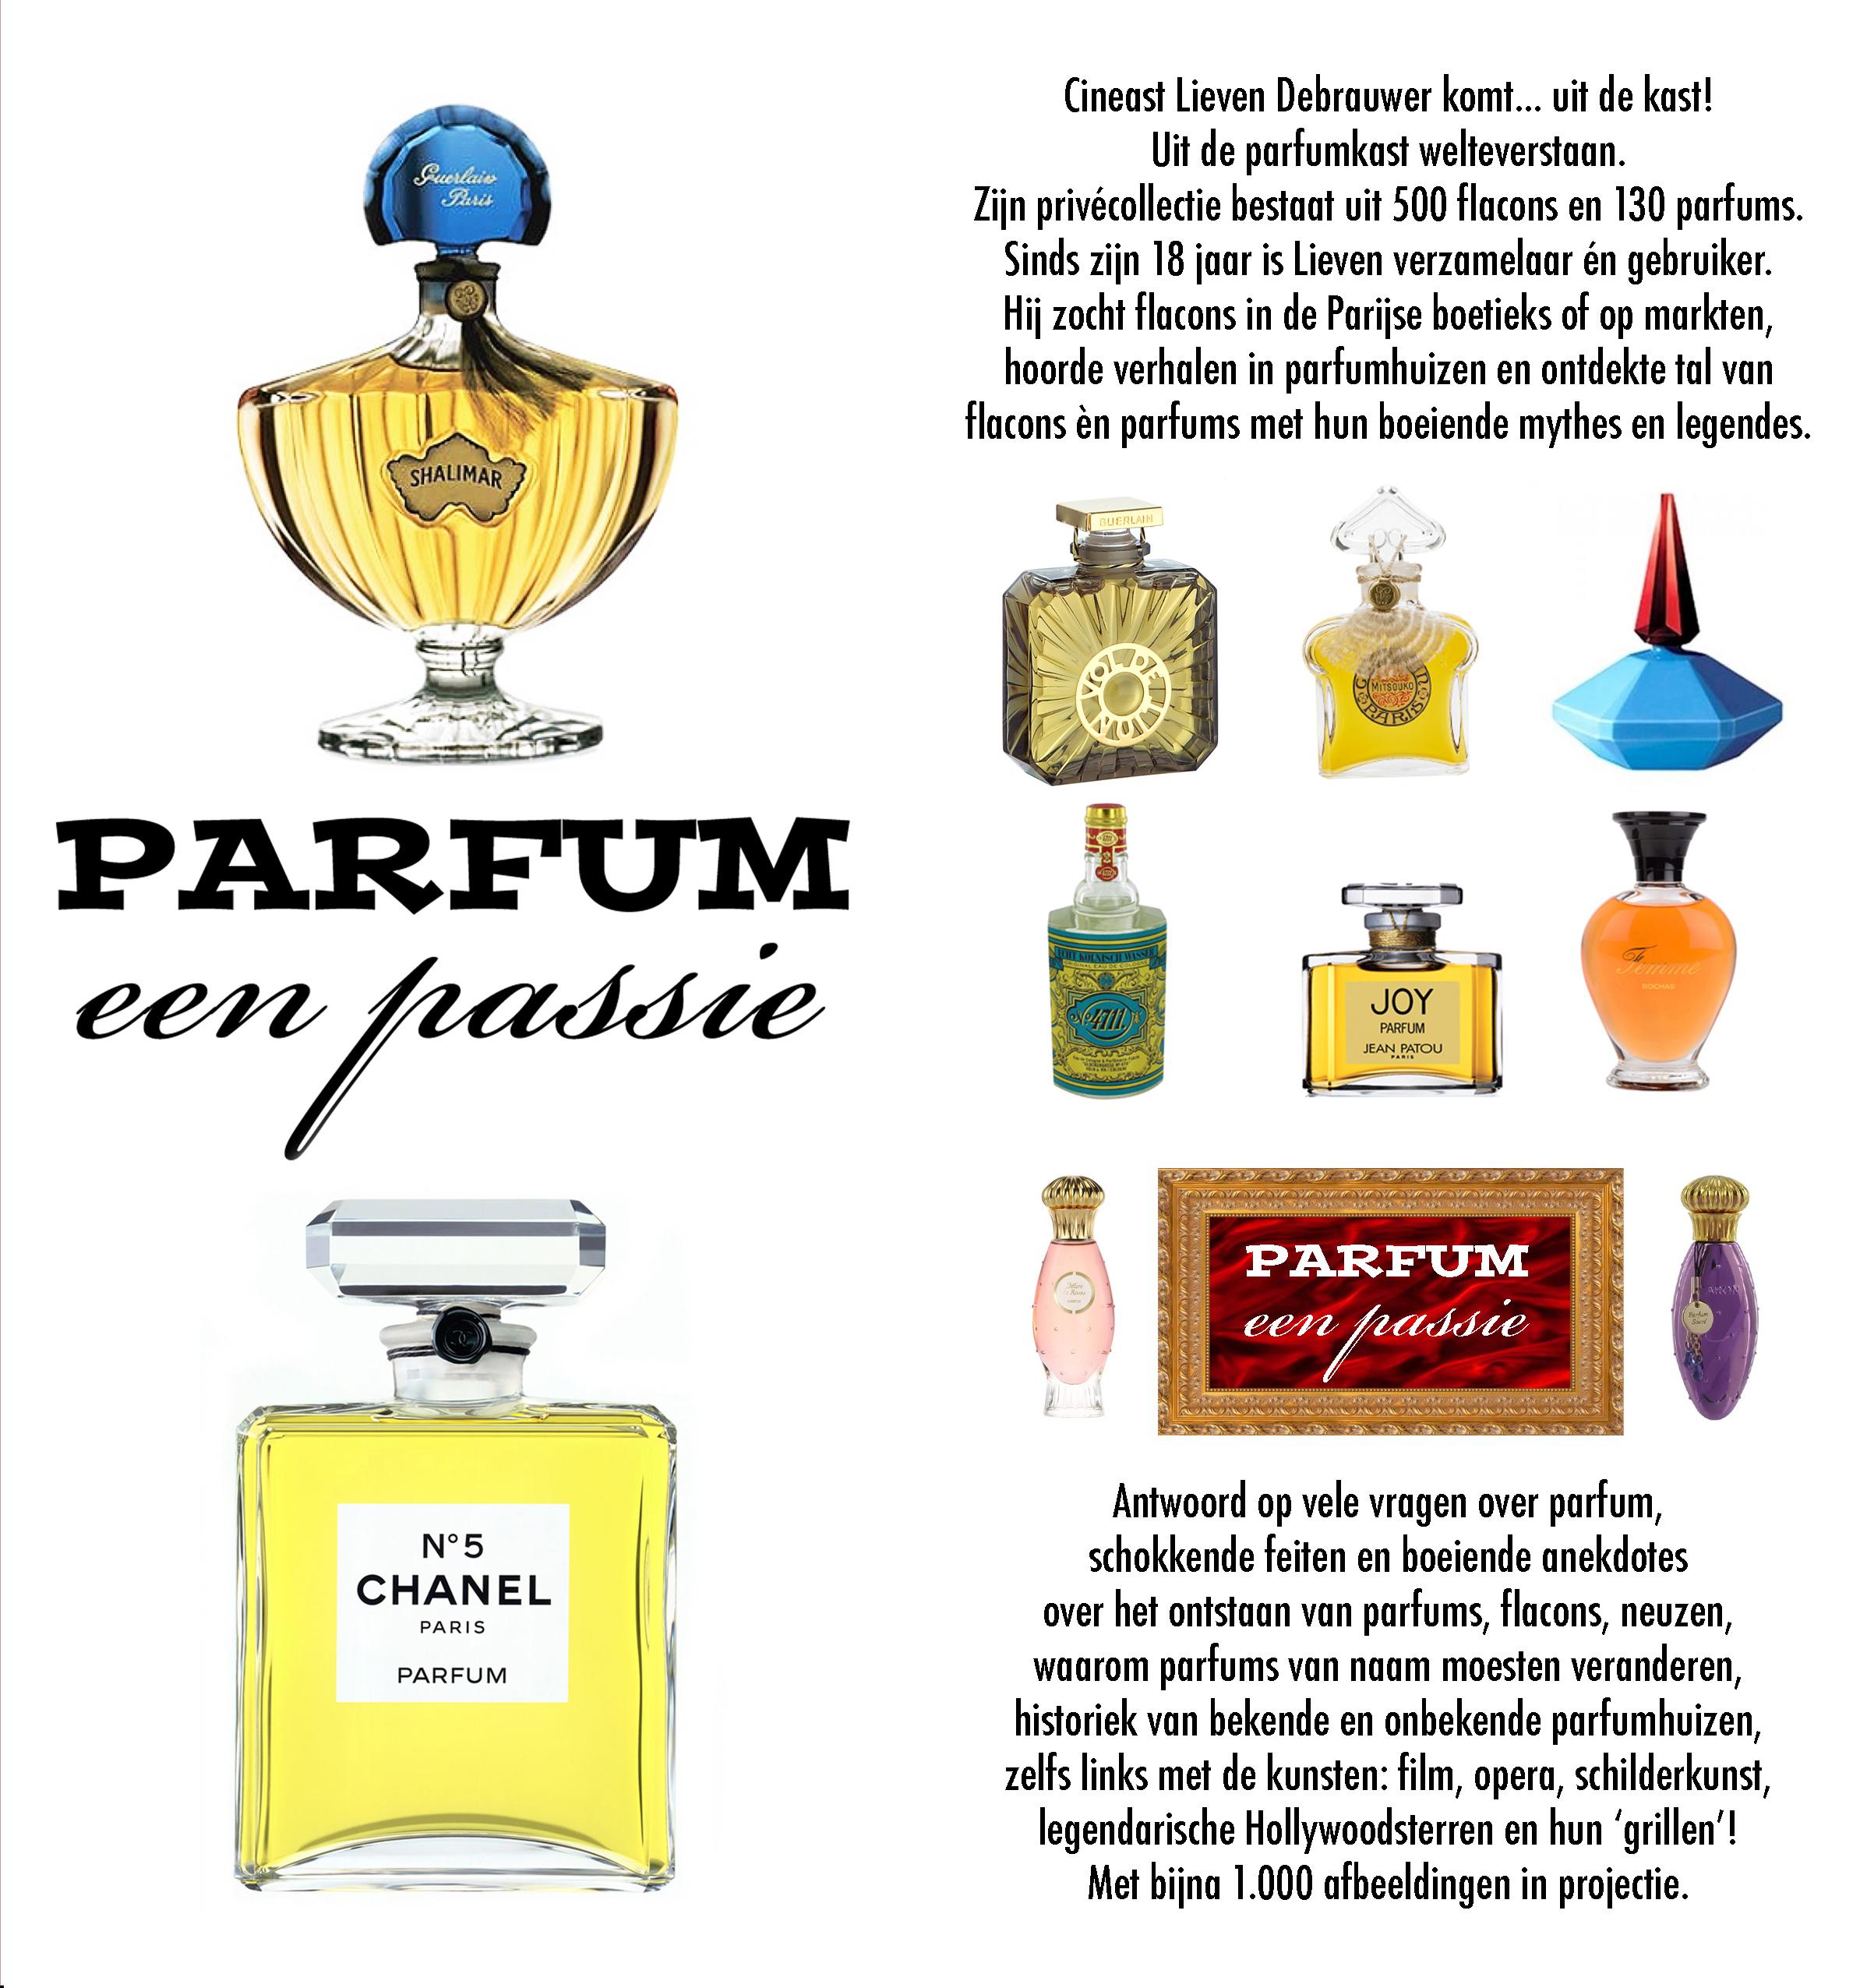 chanel parfum afbeeldingen